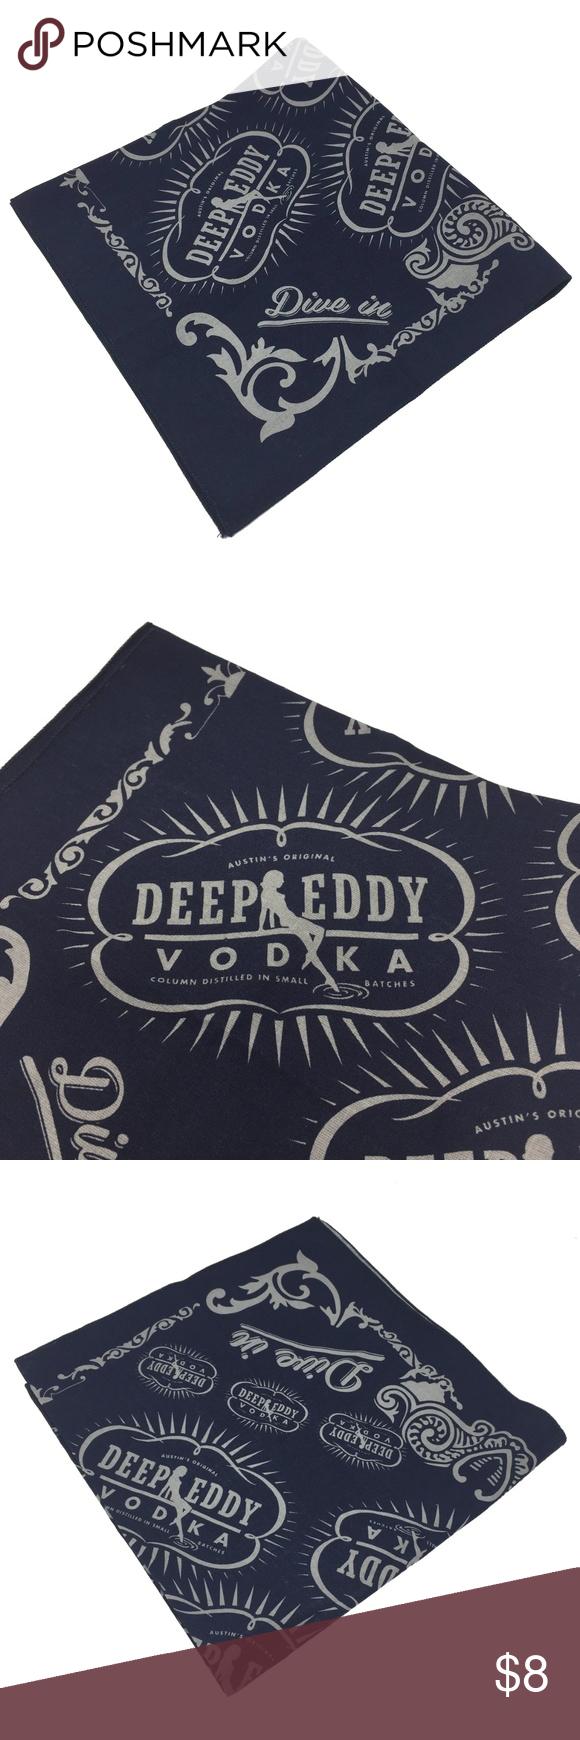 NEW Deep Eddy Vodka Bandana Blue